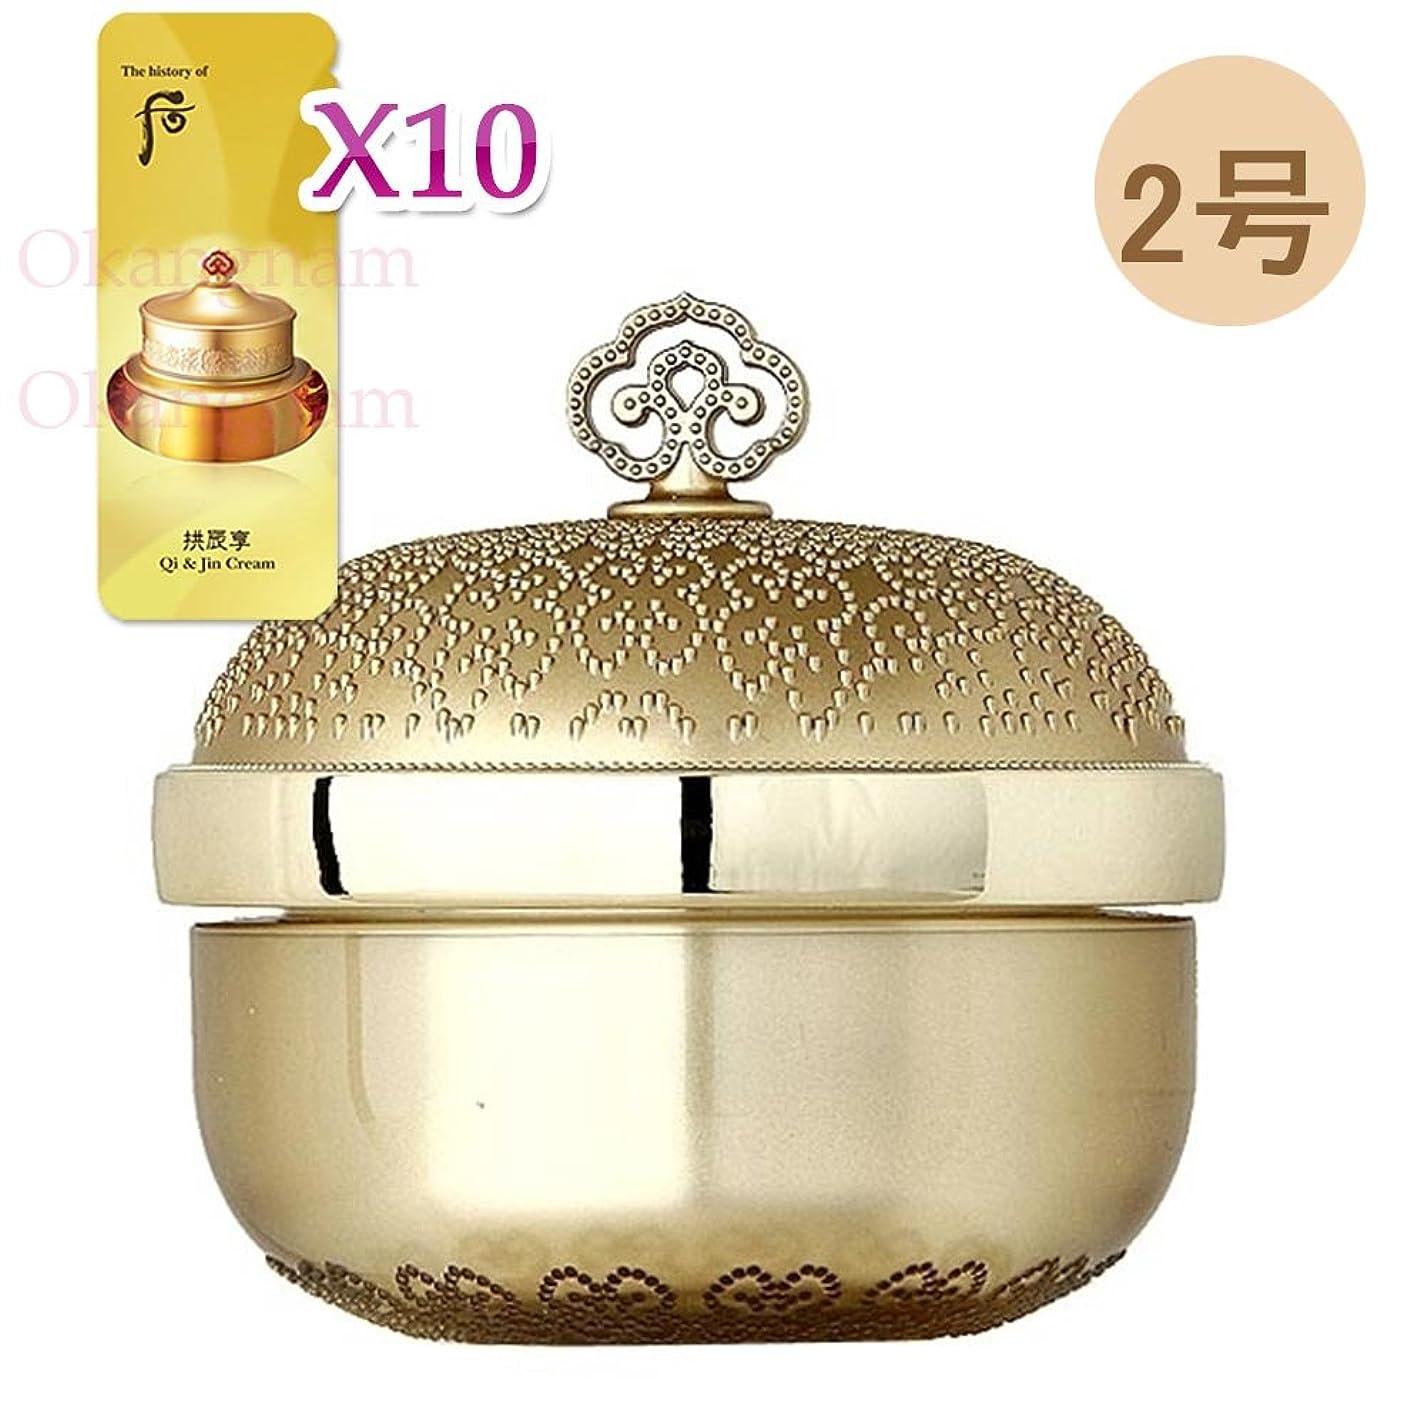 雨の超えてアンテナ【フー/The history of whoo] Whoo 后 KGM06 GONGJIN HYANG Mi Luxury Foundation/ゴンジンヒャン:美ラグジュアリーファンデーション35ml(2号) + [Sample Gift](海外直送品)